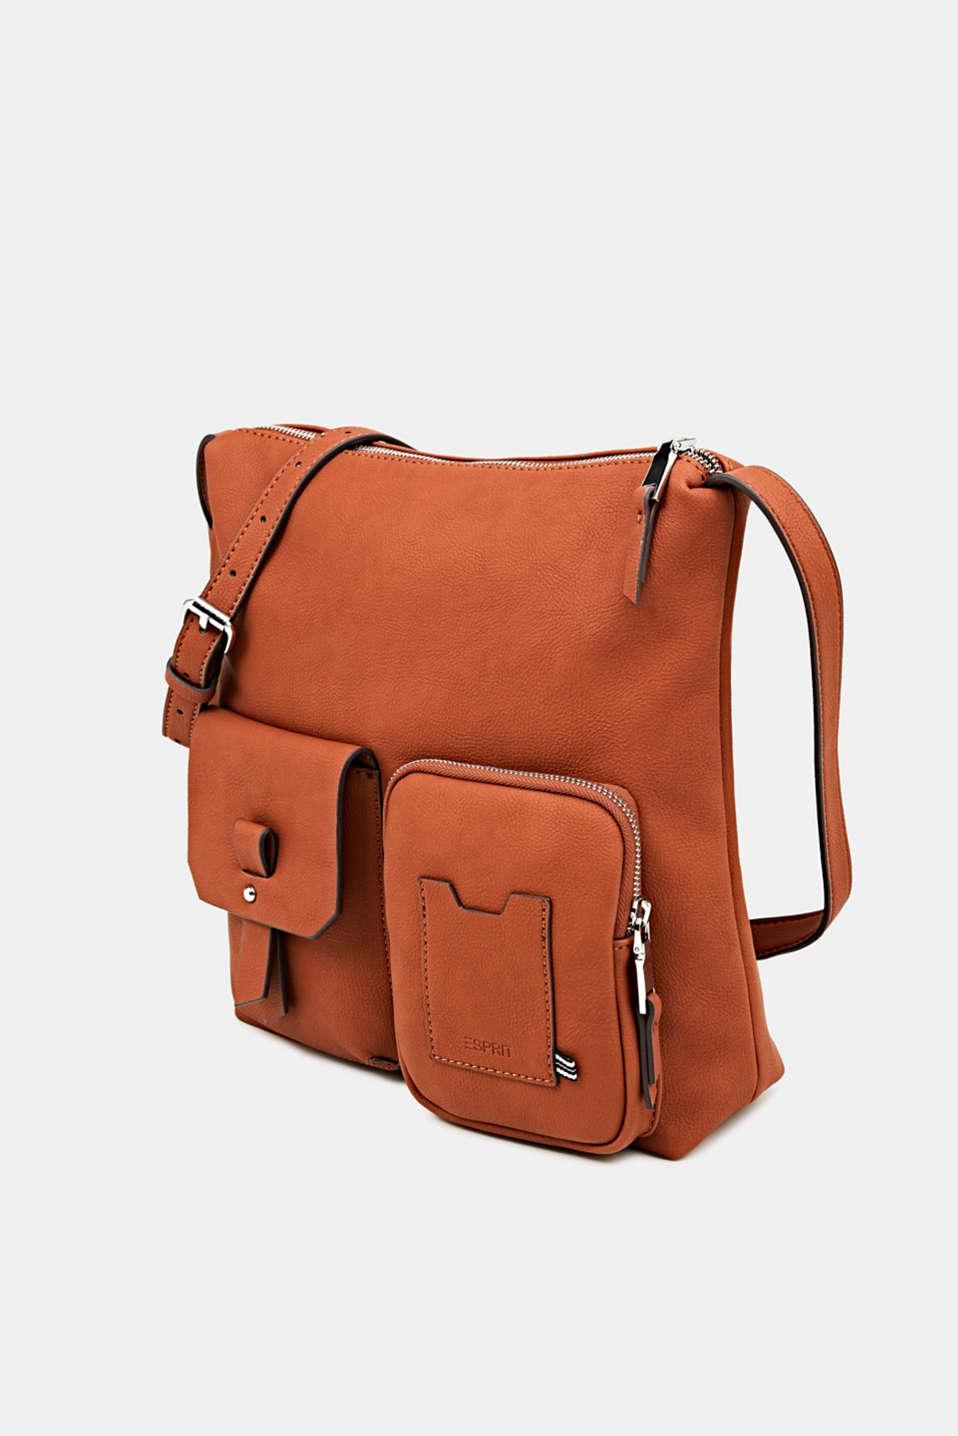 Faux leather shoulder bag, RUST BROWN, detail image number 2